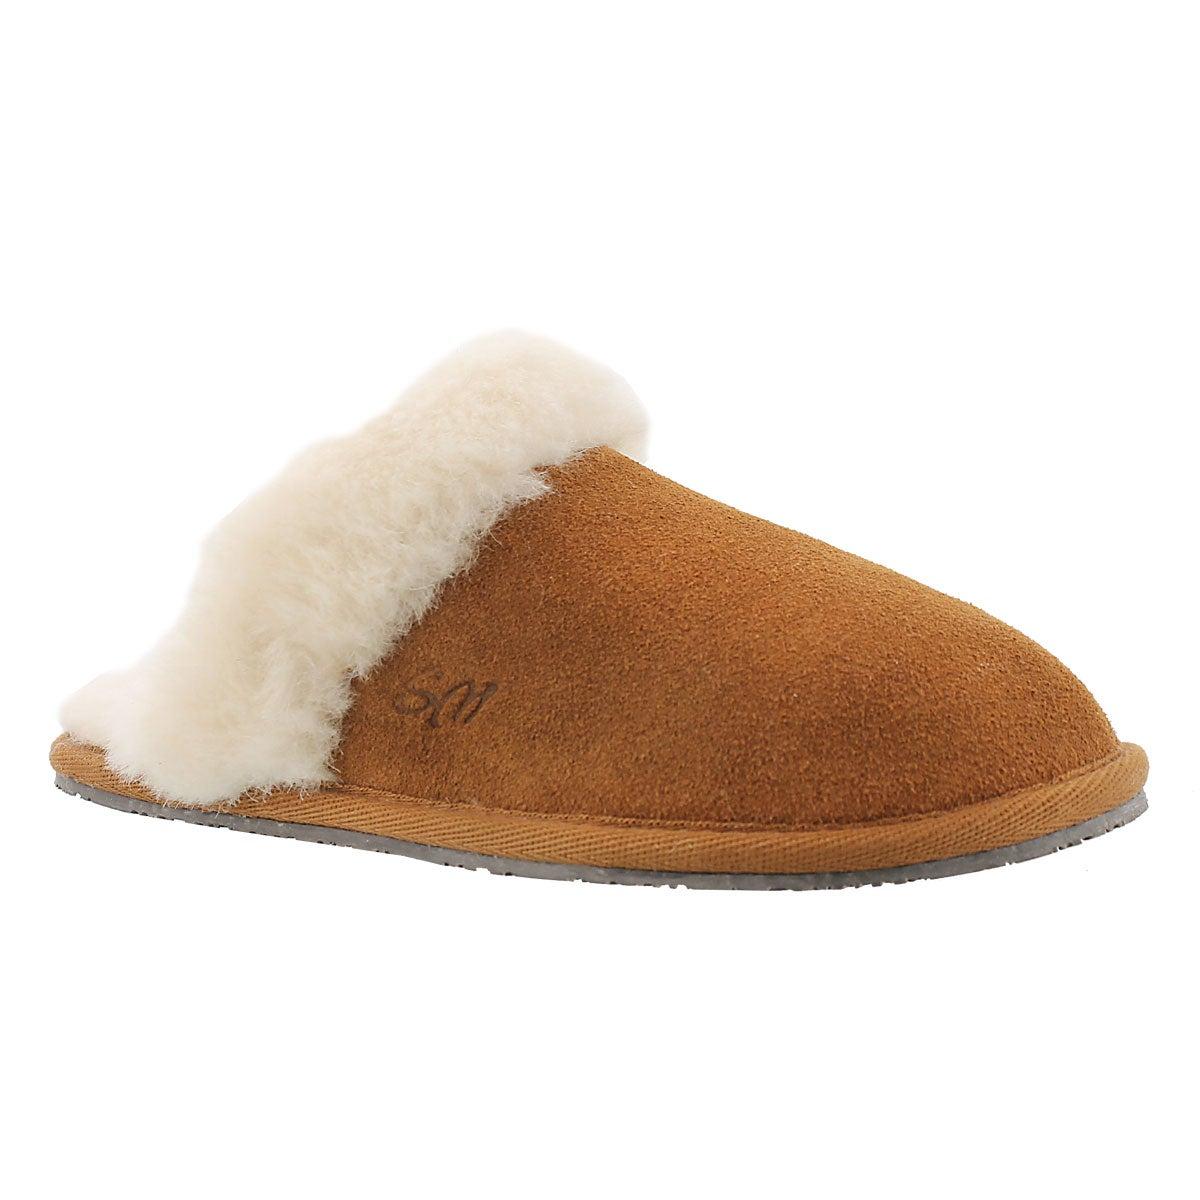 Lds Sassy chestnut mem. foam slipper